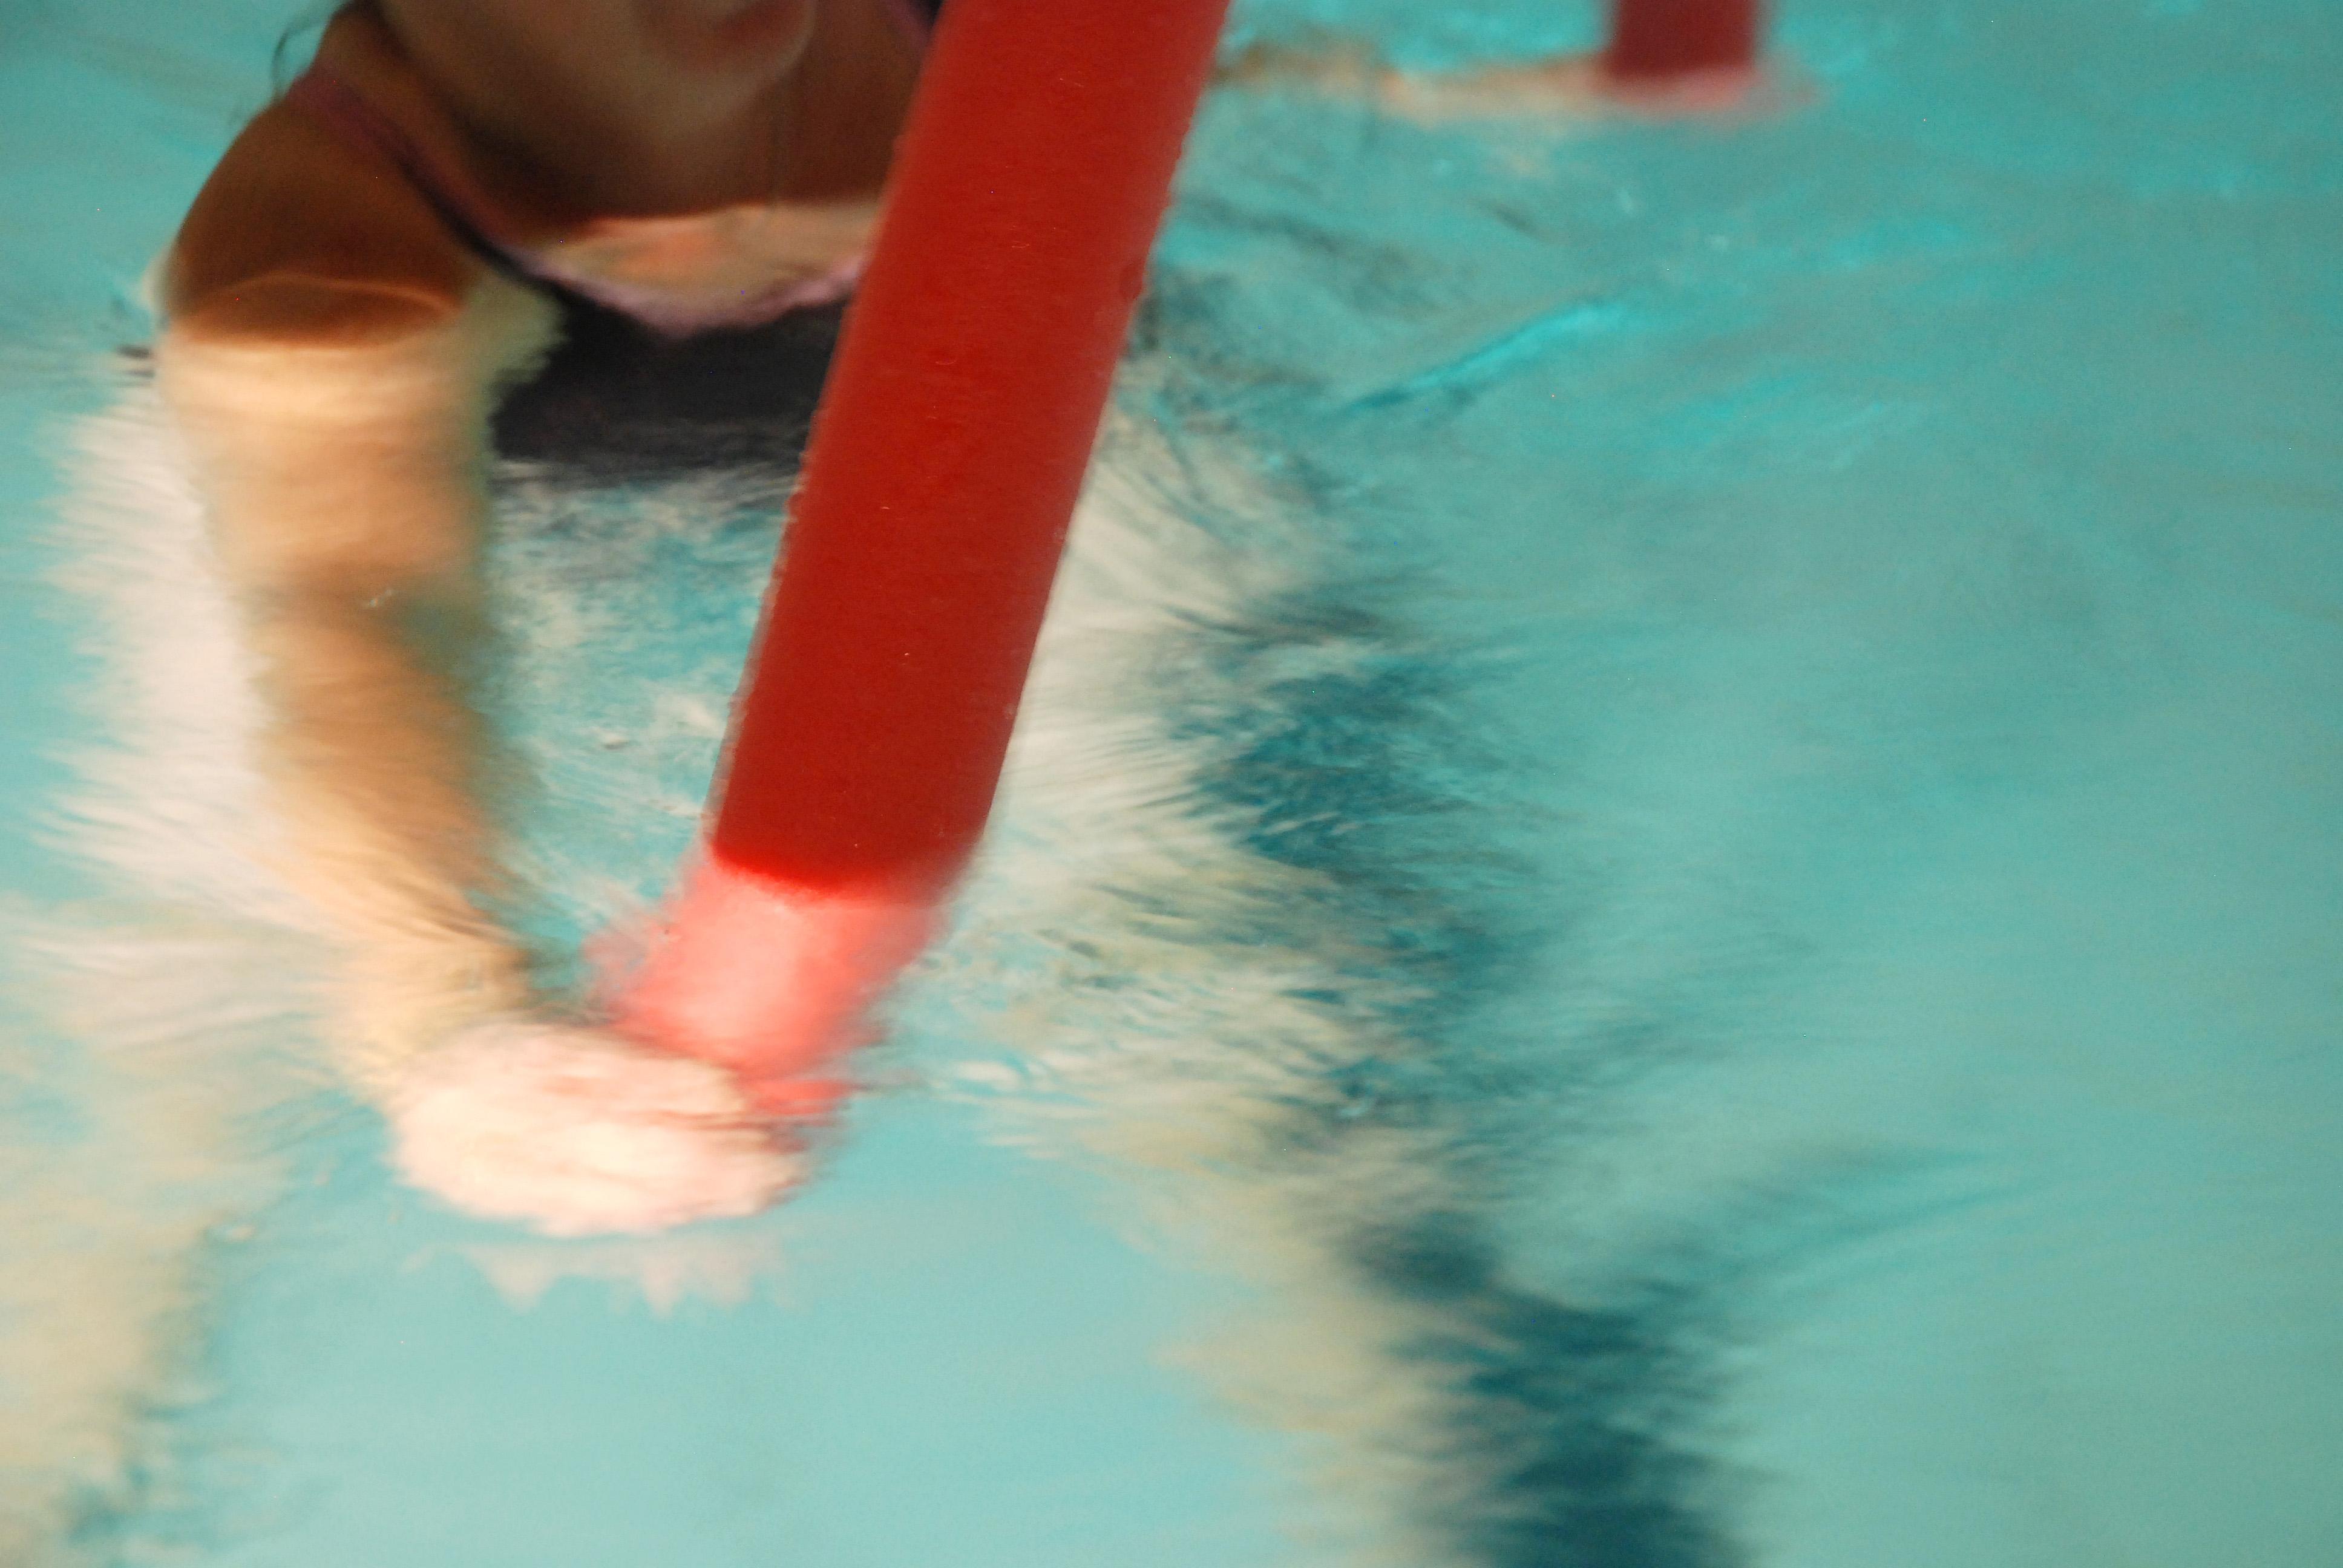 Uklart utsnitt av en som ror med rød pølle i basseng